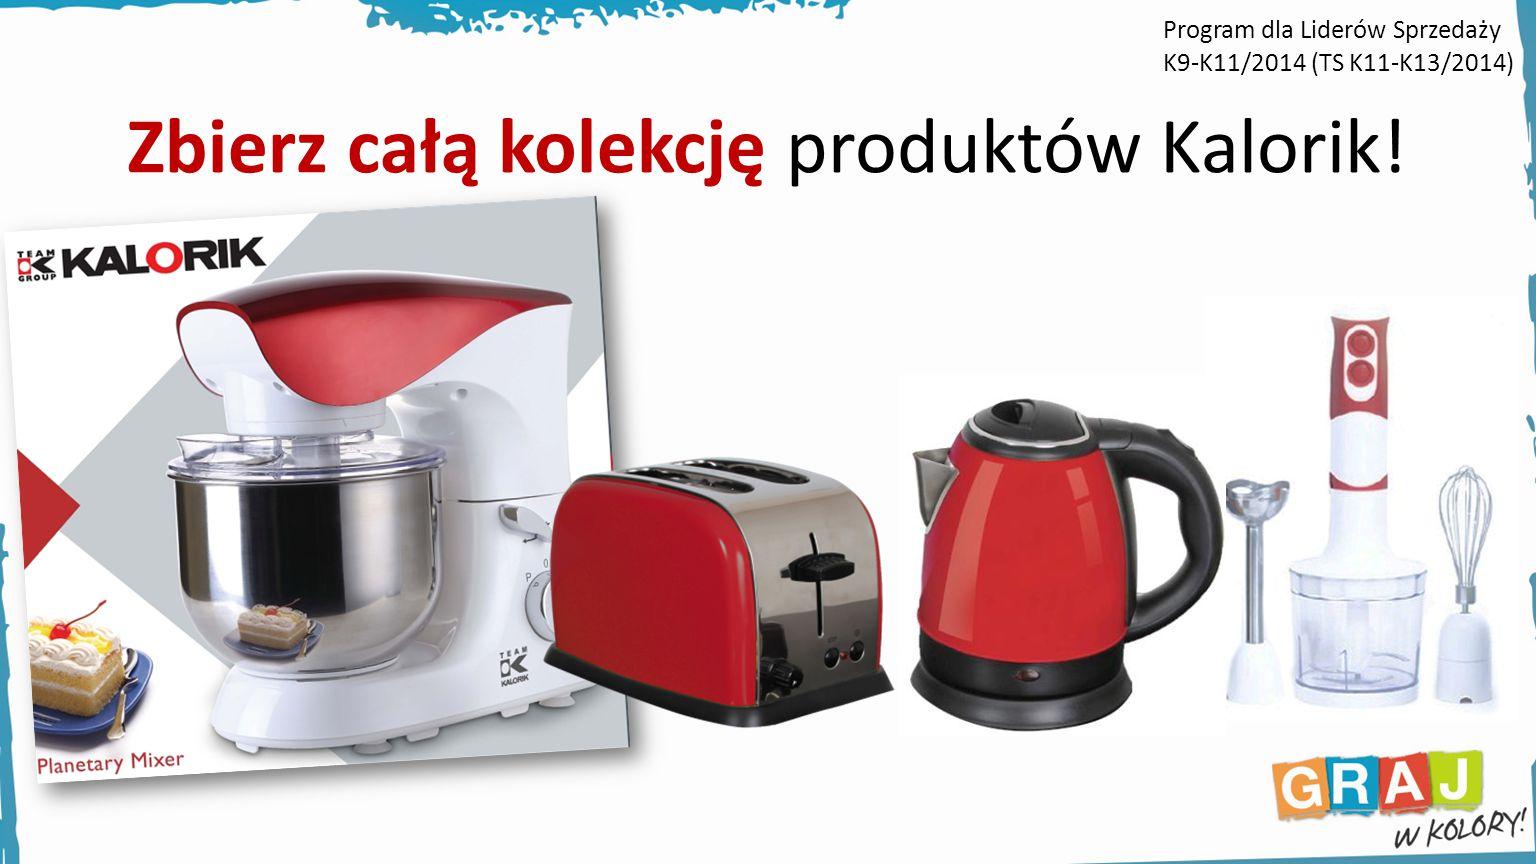 Zbierz całą kolekcję produktów Kalorik! Program dla Liderów Sprzedaży K9- K9-K11/2014 (TS K11-K13/2014)